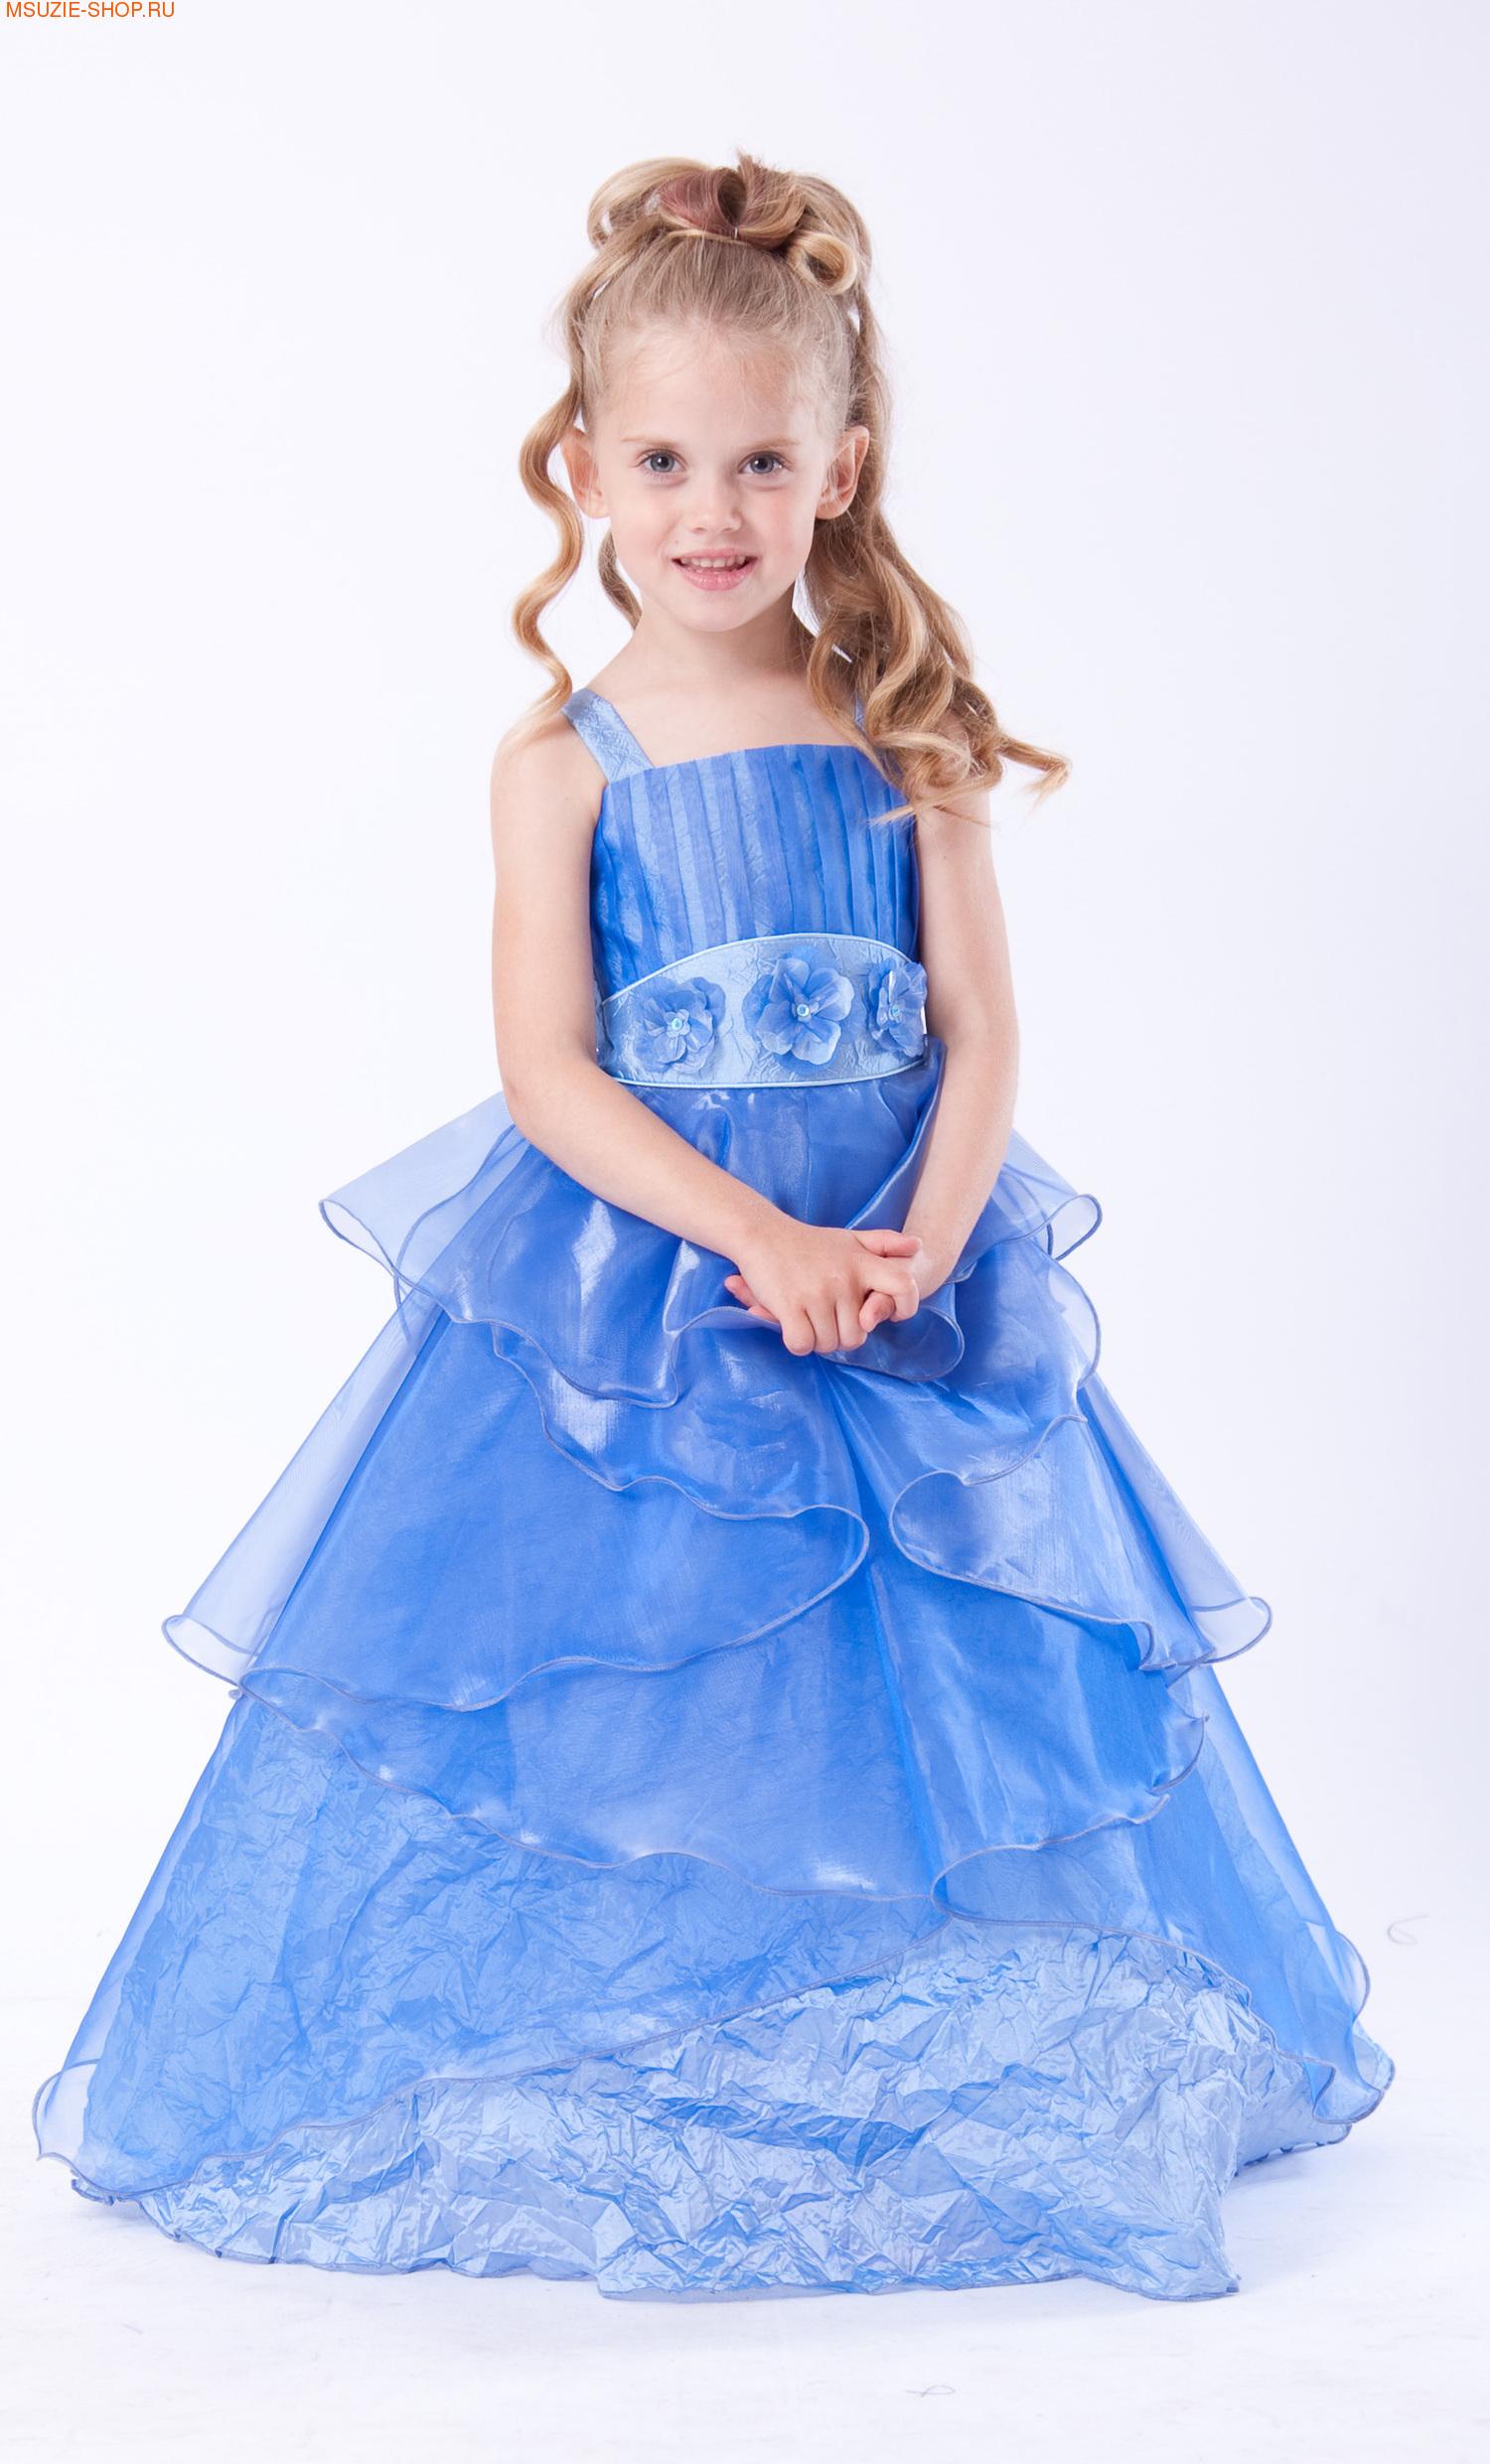 Вечерние платья фото дети